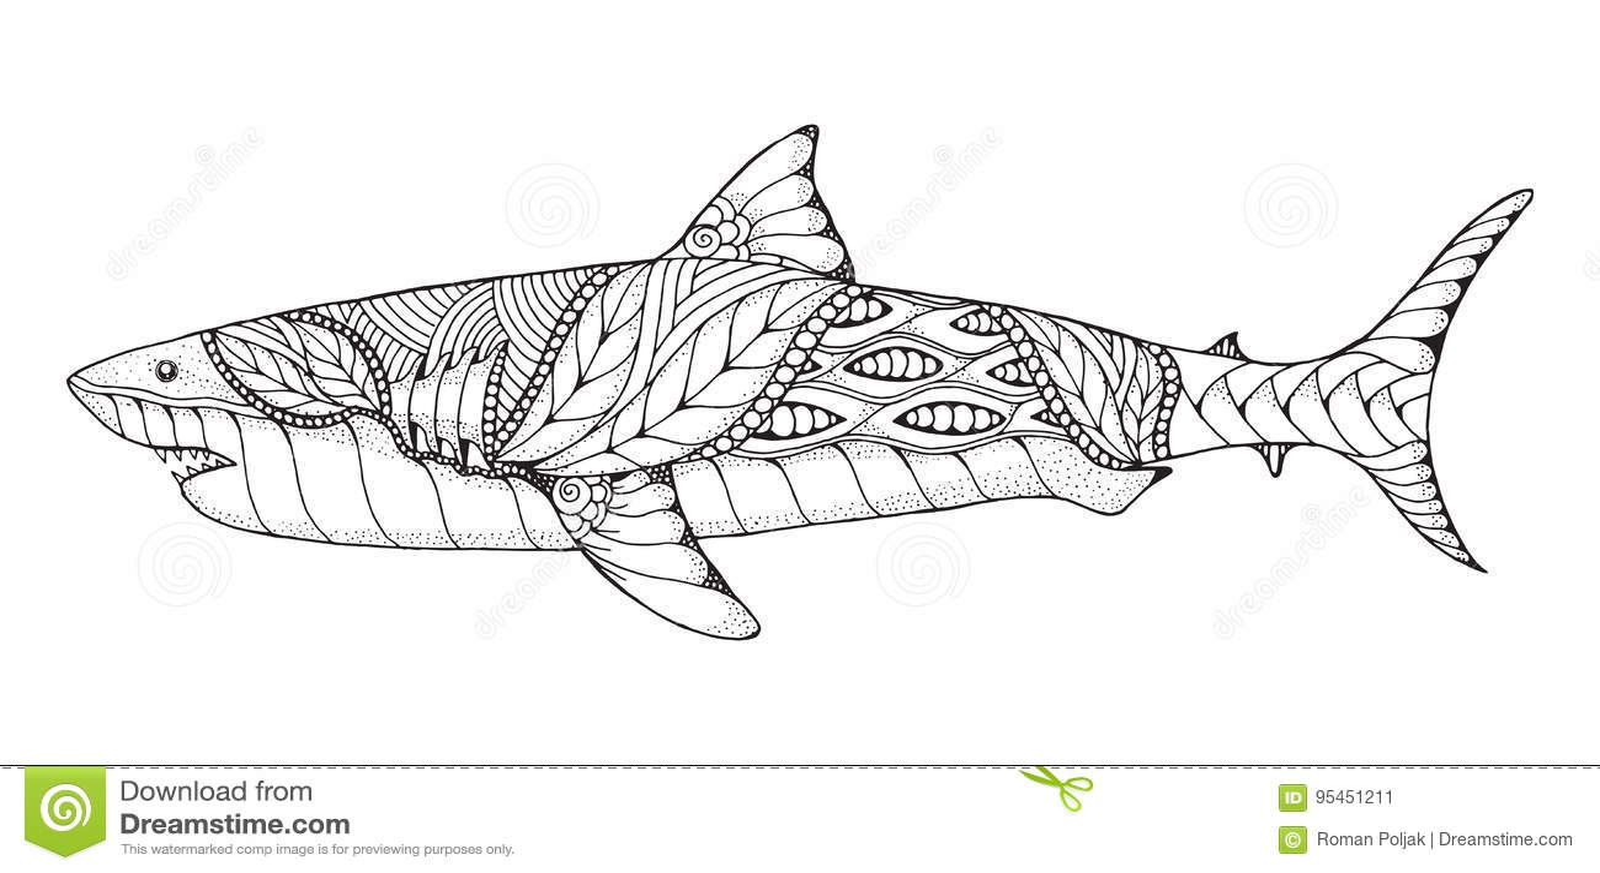 Zentangle Und Punktierter Stilisierter Weißer Hai Vektor, Illus ...